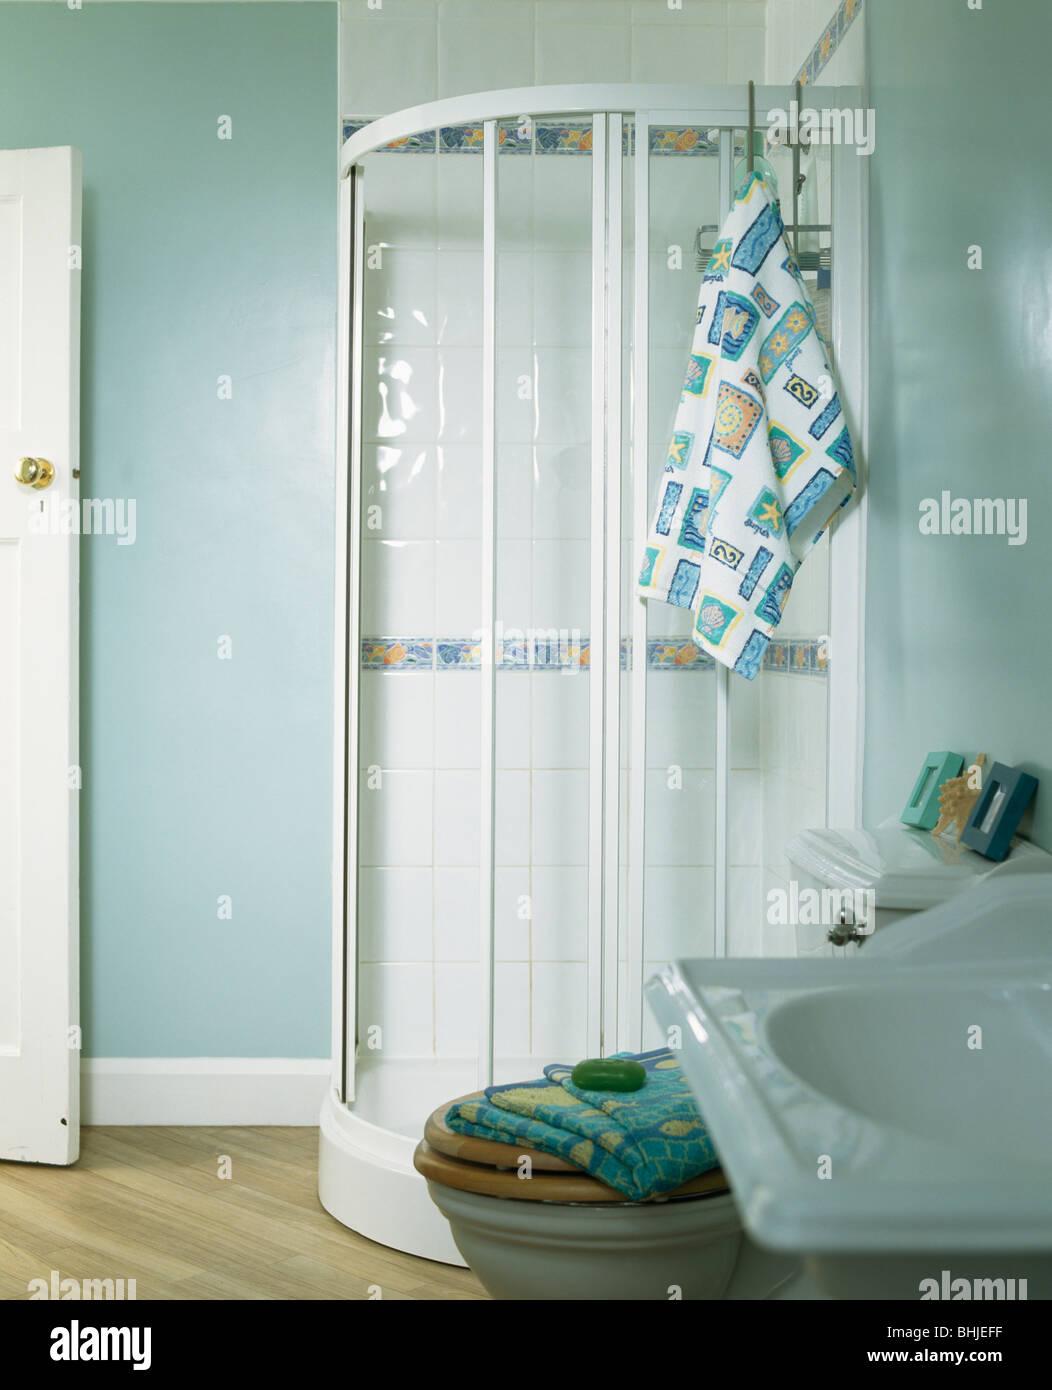 Schrank In Der Ecke Des Pastell Blau Bad Dusche Aus Glas Stockfoto